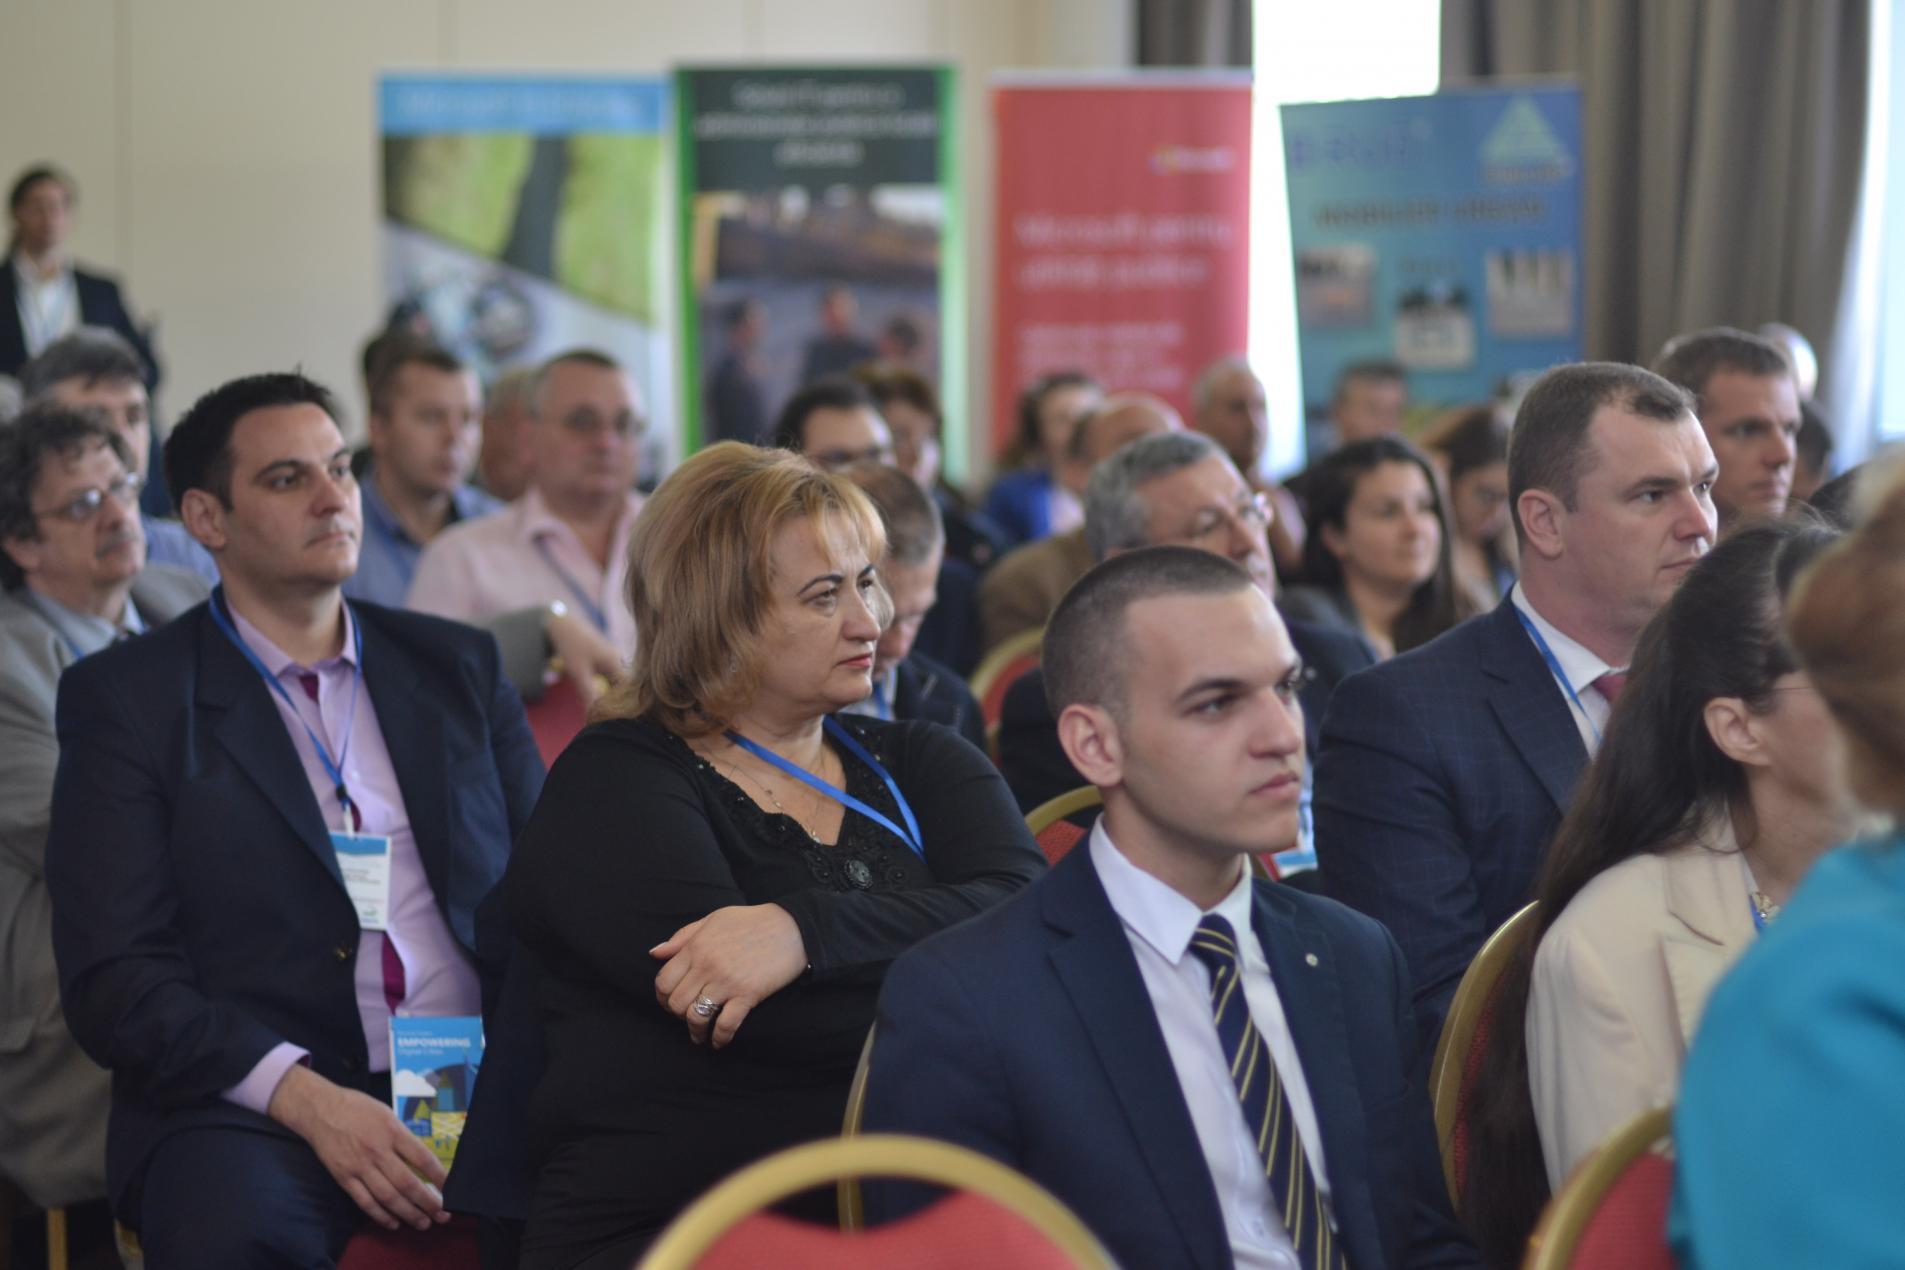 Ultima ediție din programul Smart Cities, Smart Communities 2016 s-a desfășurat la Timișoara